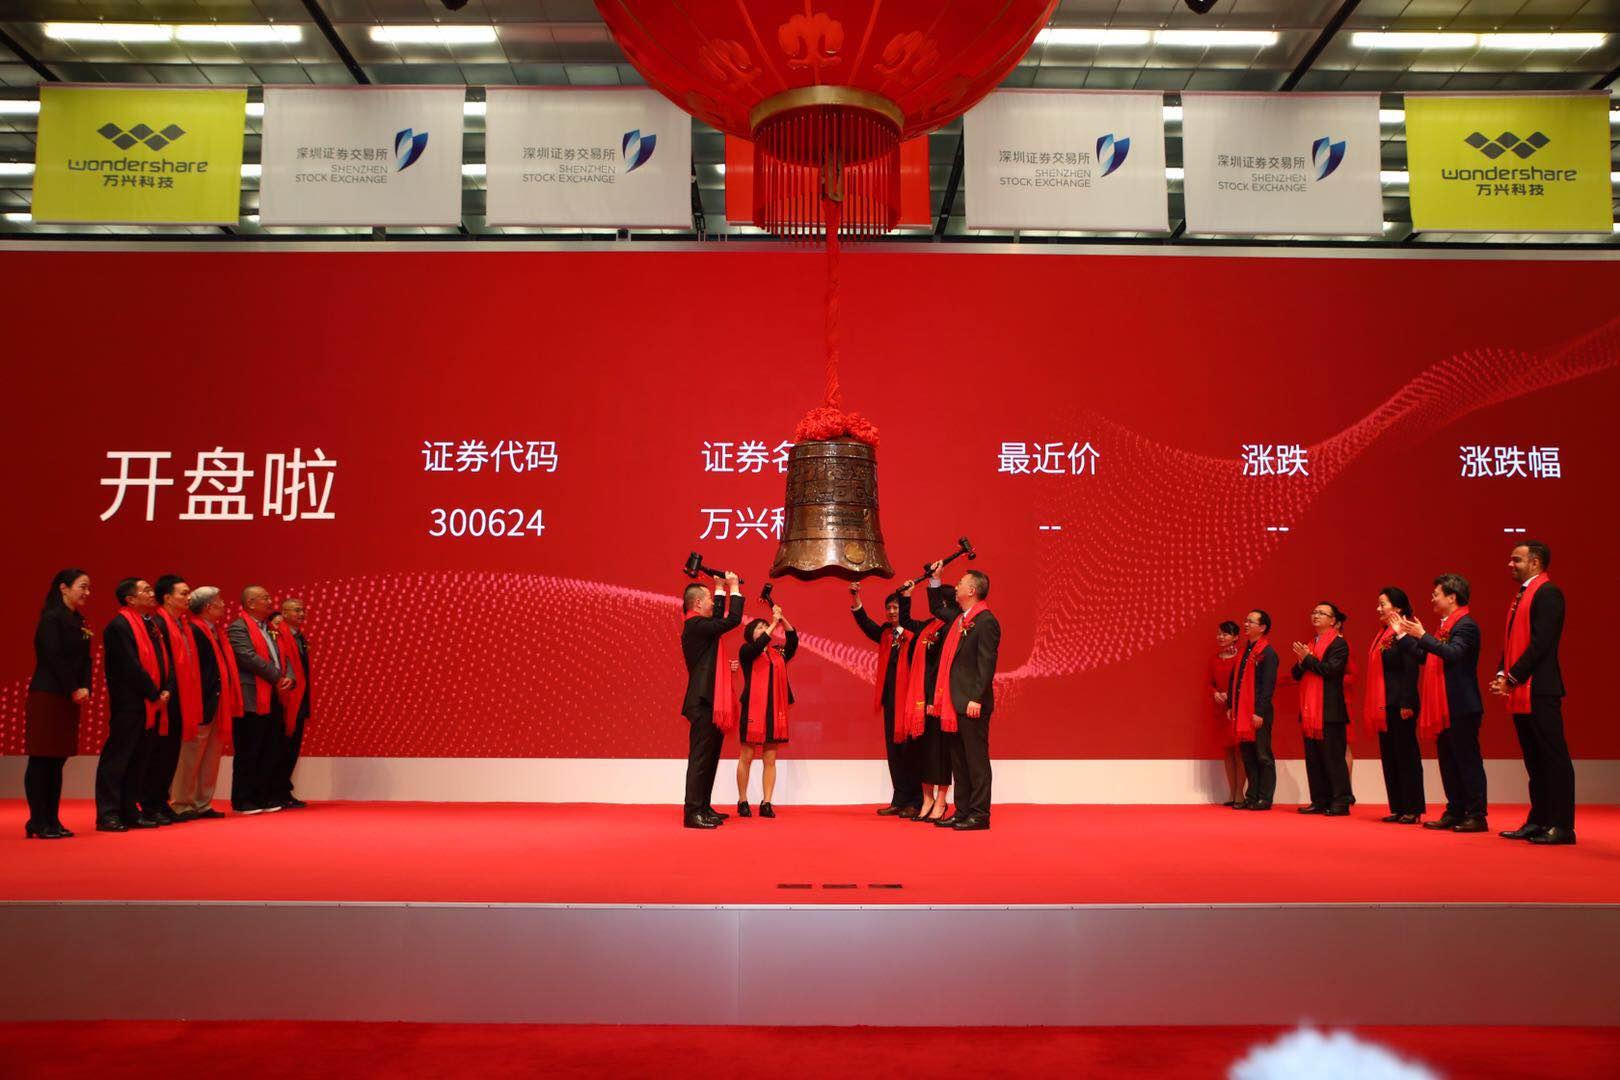 消费类软件第一股!万兴科技在深圳证券交易所敲钟上市